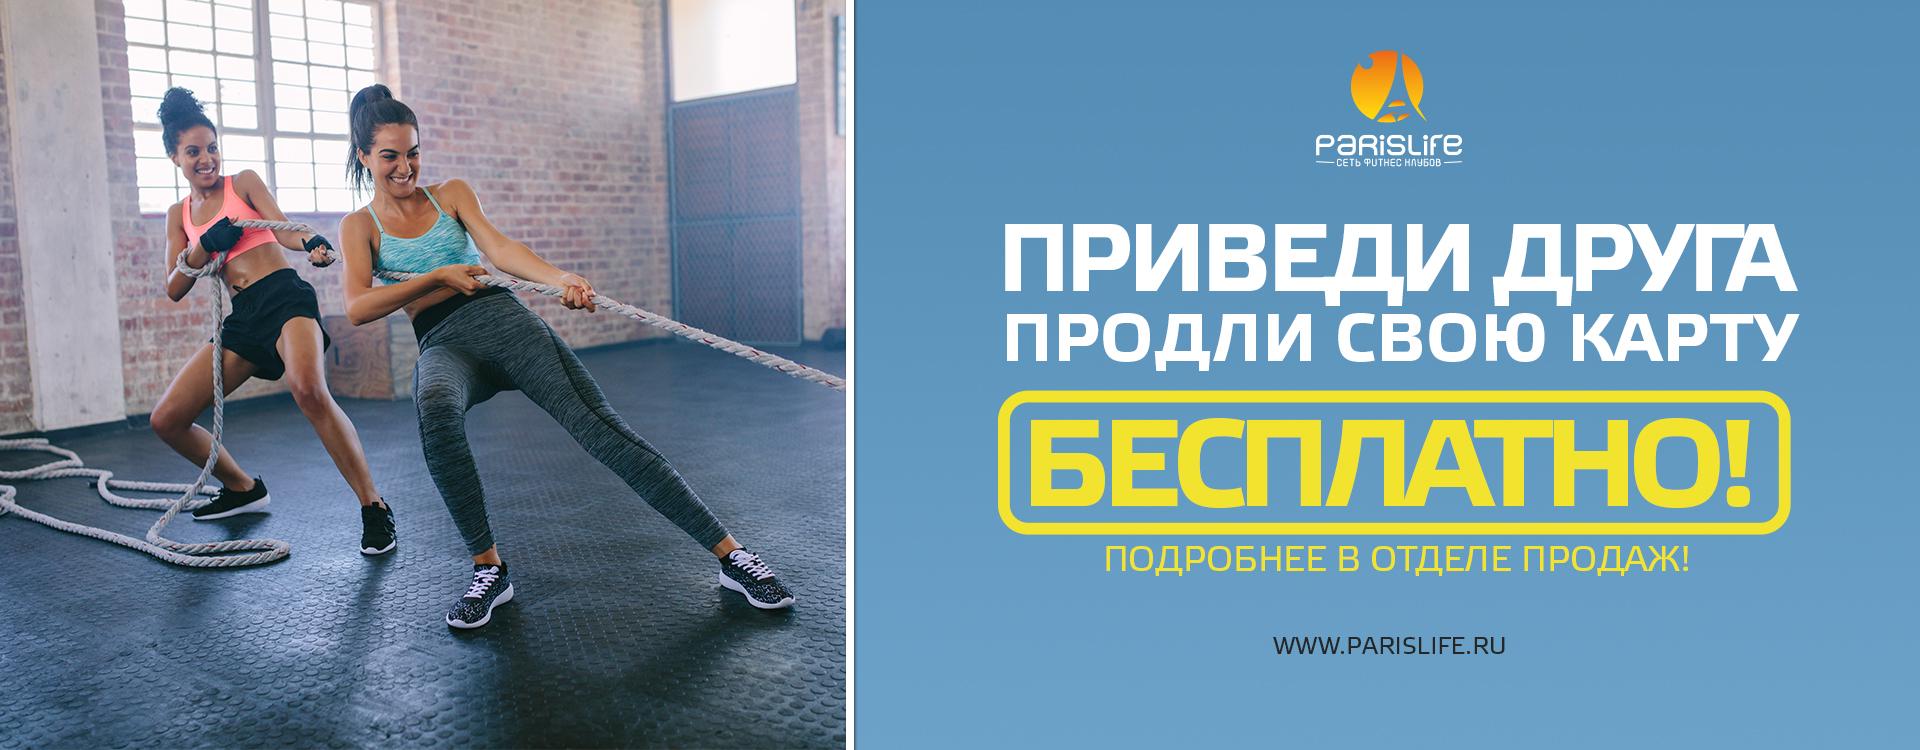 PARIS LIFE fitness - Тренажерный зал на Пражской